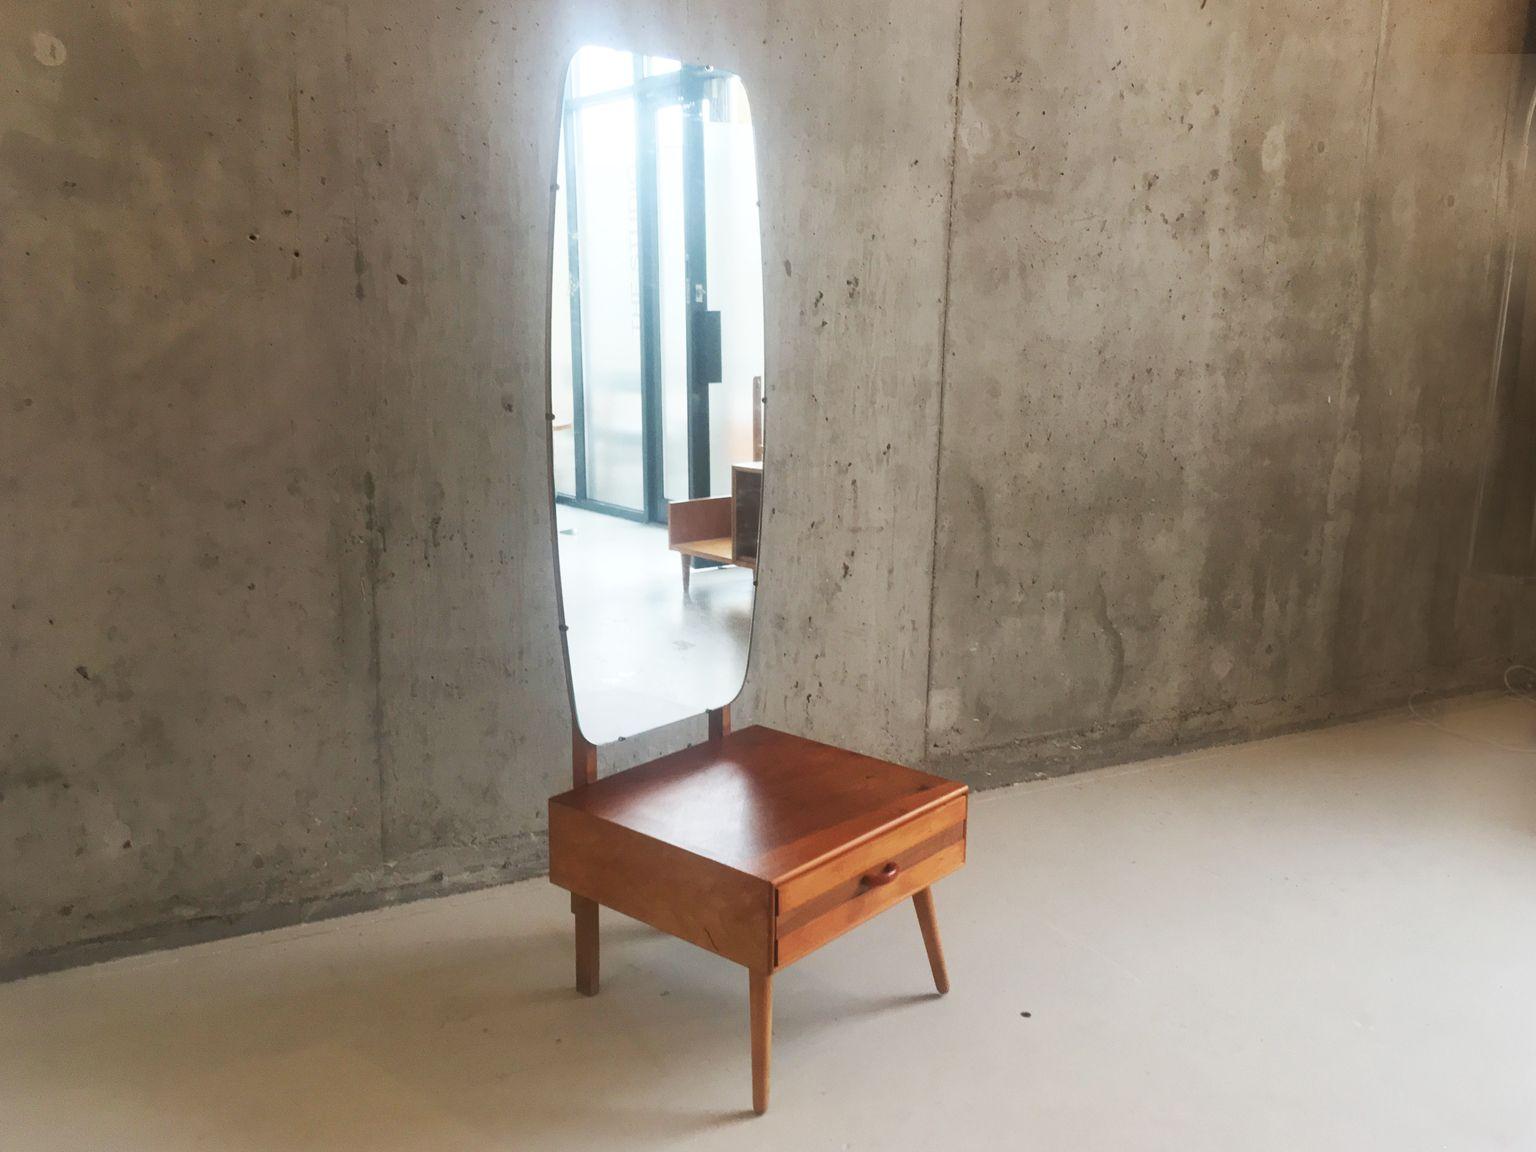 deckenhoher mid century spiegel mit frisierkommode 1960er. Black Bedroom Furniture Sets. Home Design Ideas